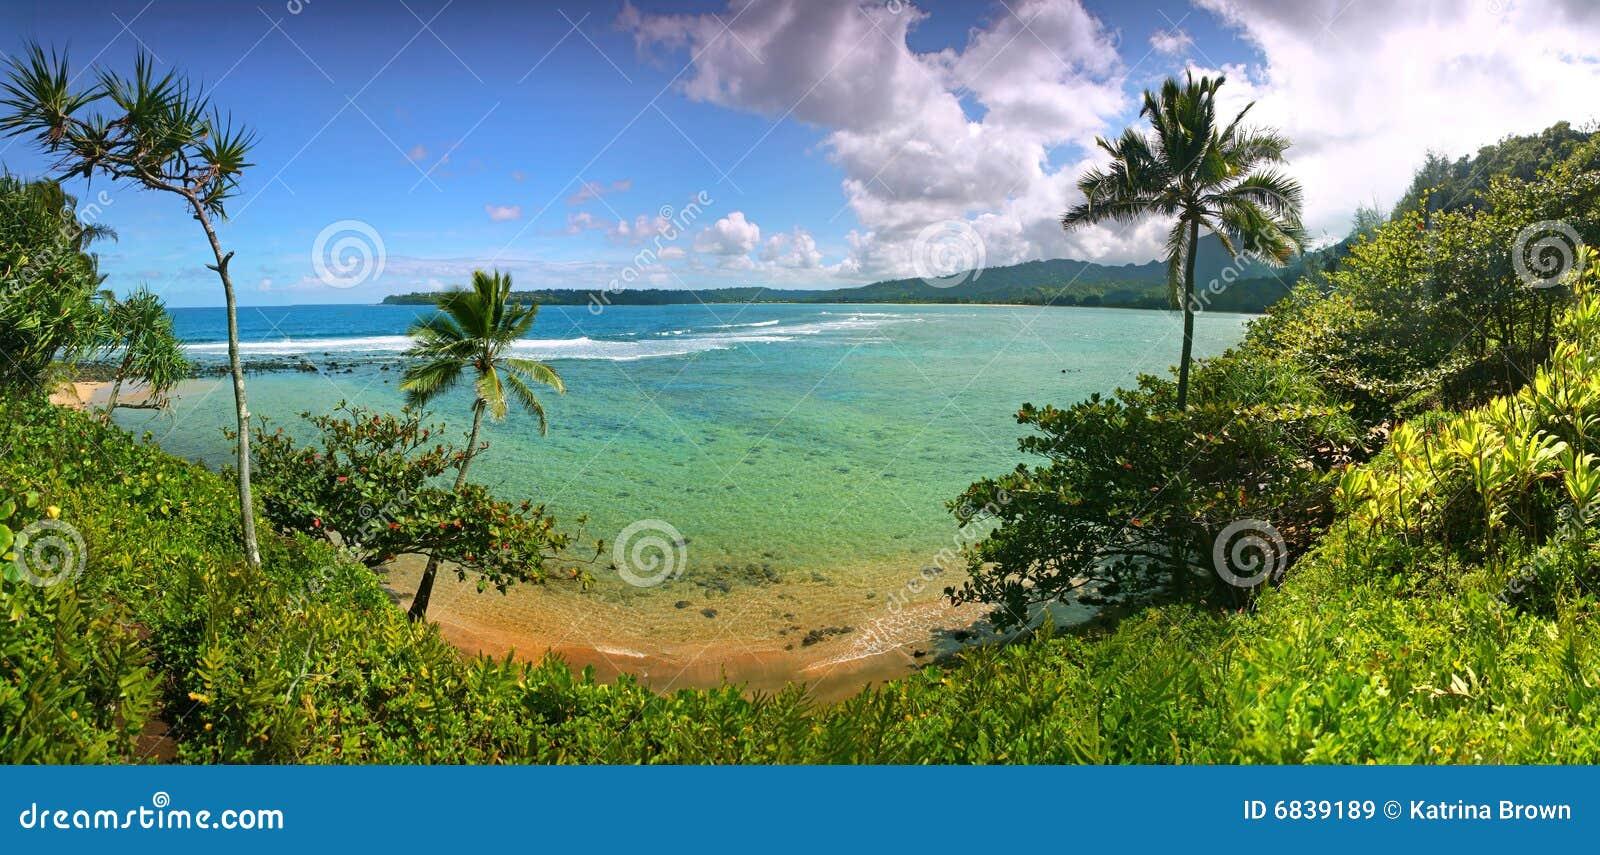 夏威夷考艾岛手段热带视图